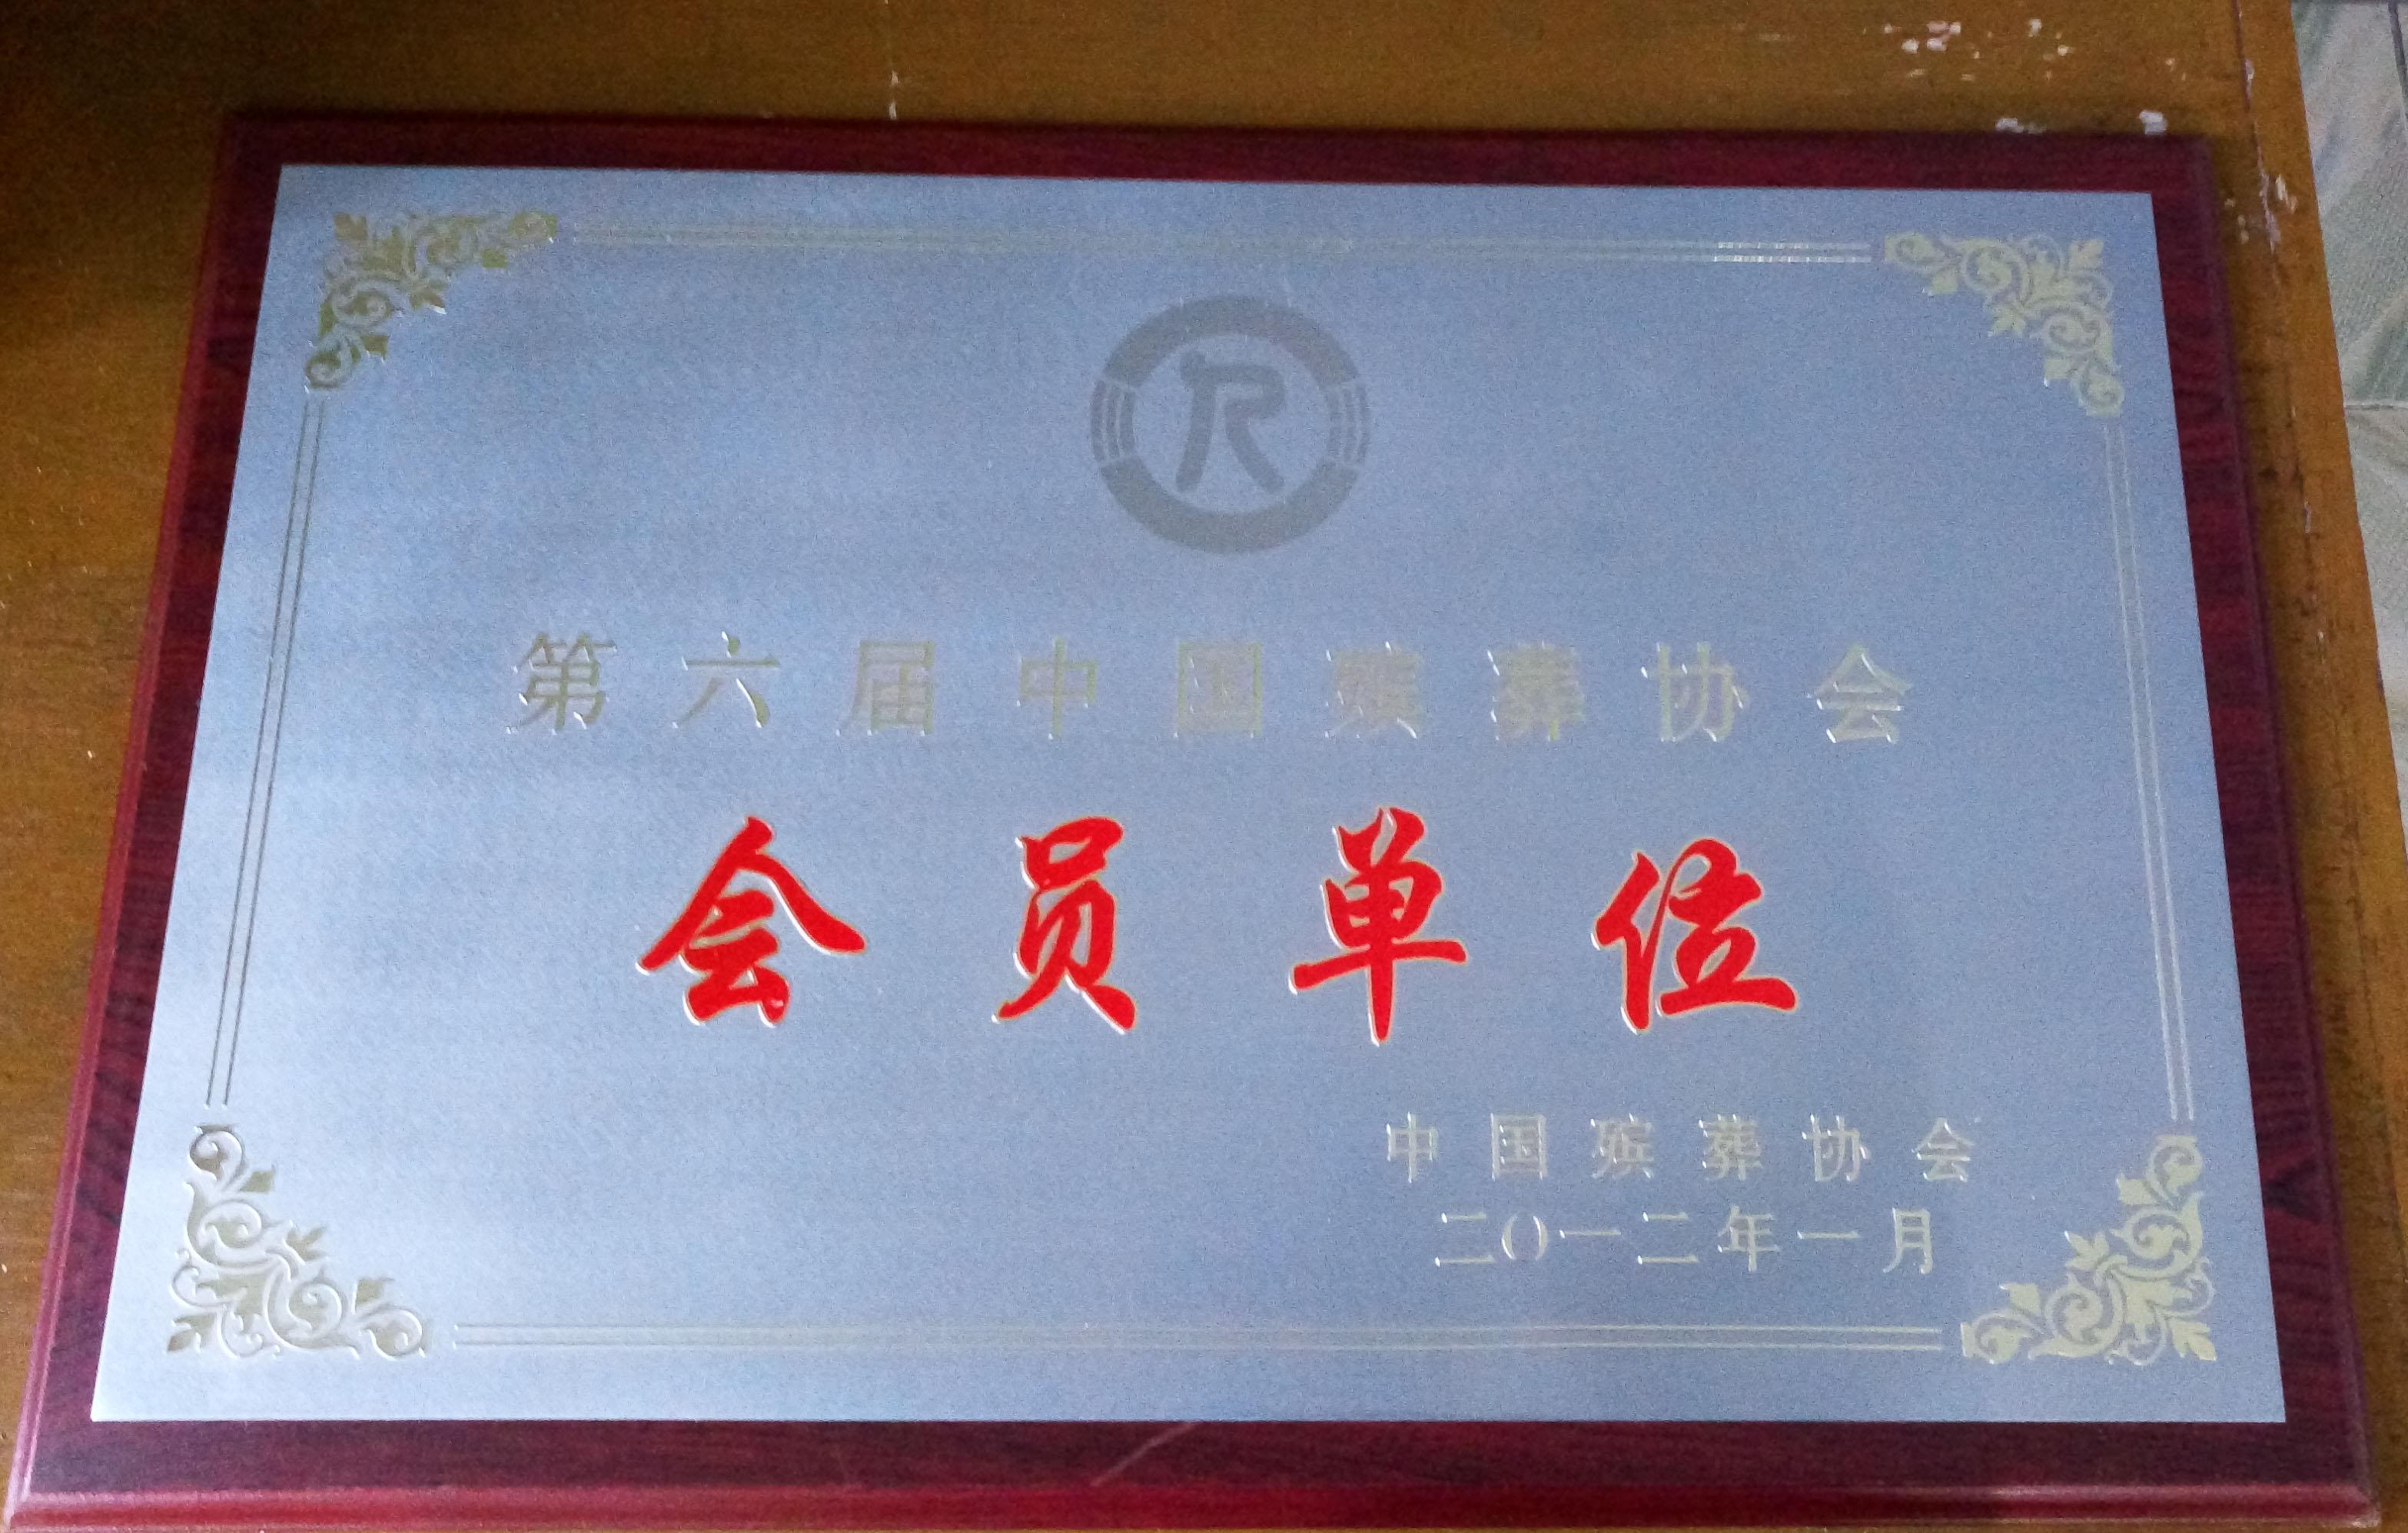 中國殯葬協會會員